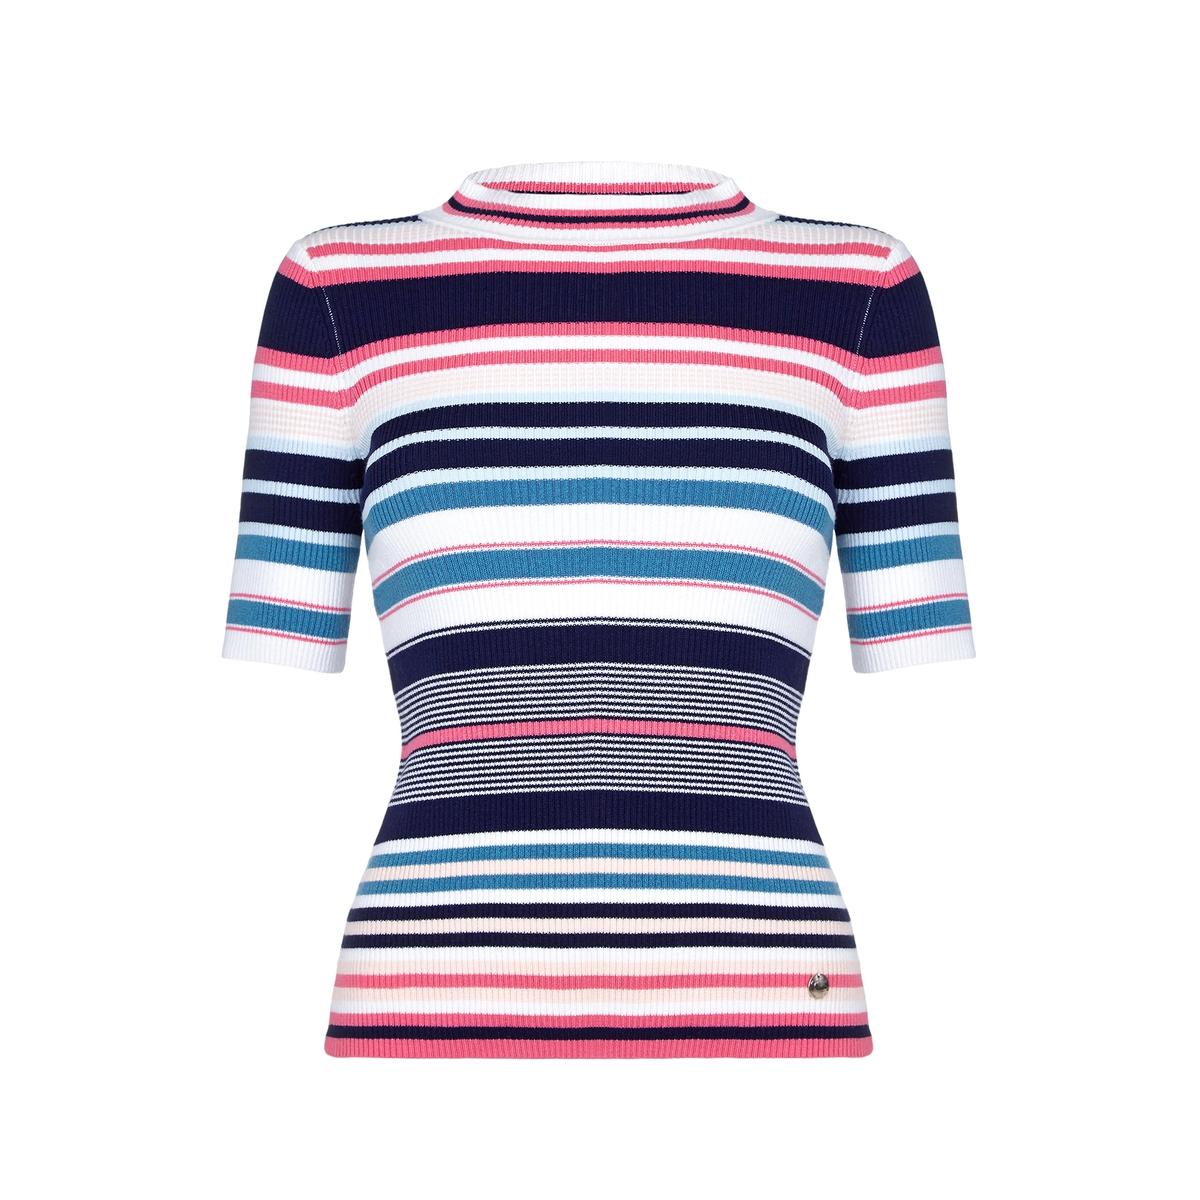 Пуловер в полоску с короткими рукавамиДетали  •  Классическая модель •  Короткие рукава •  Воротник-стойка •  Тонкий трикотаж •  Рисунок в полоскуСостав и уход  •  55% акрила, 45% хлопка •  Следуйте рекомендациям по уходу, указанным на этикетке изделия<br><br>Цвет: разноцветный<br>Размер: S